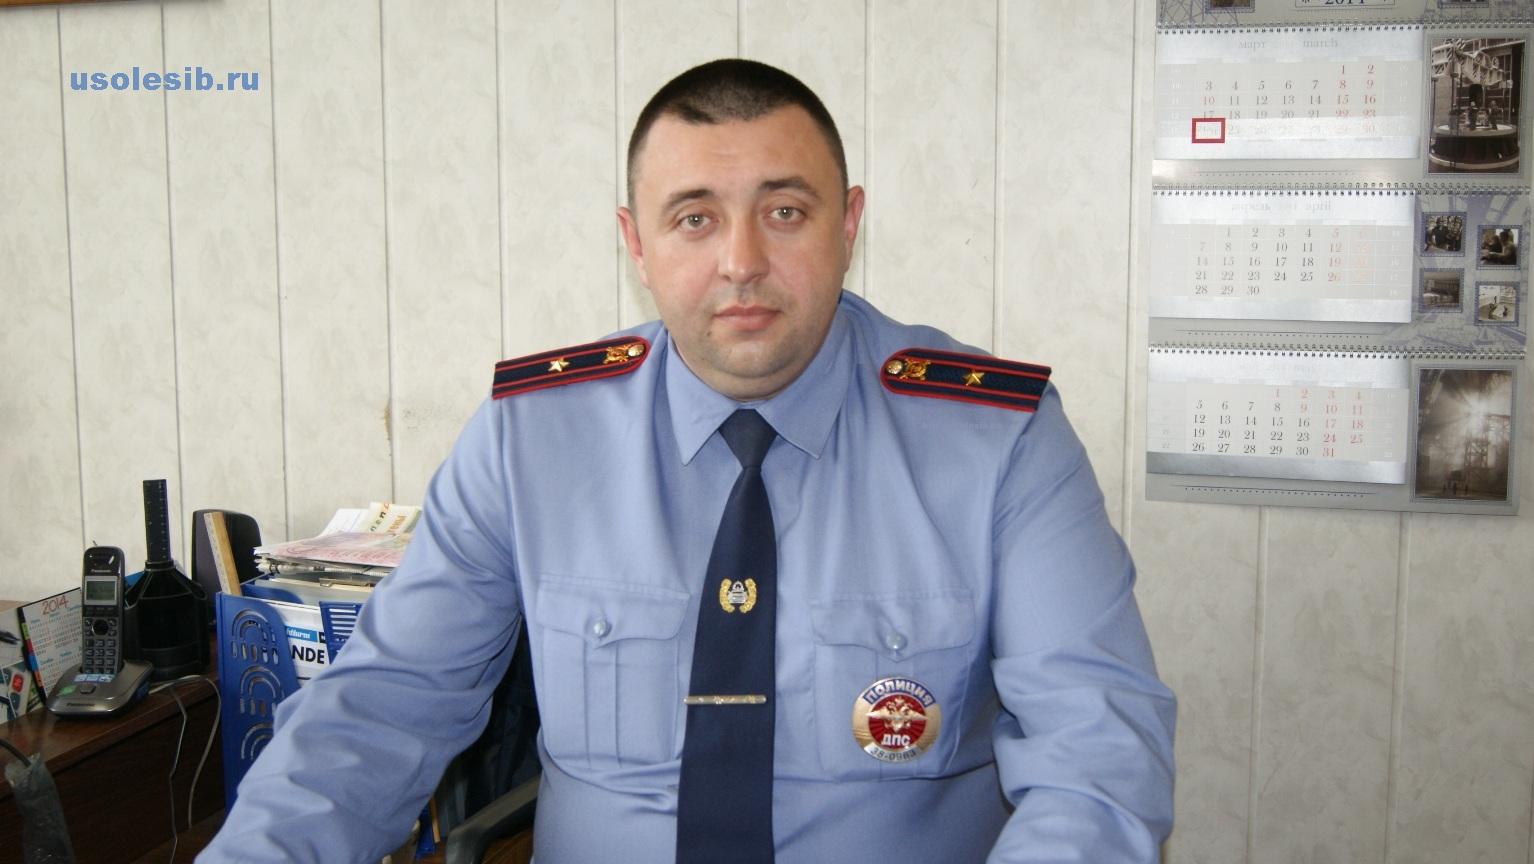 GIBDD-Vladimir-Egorov